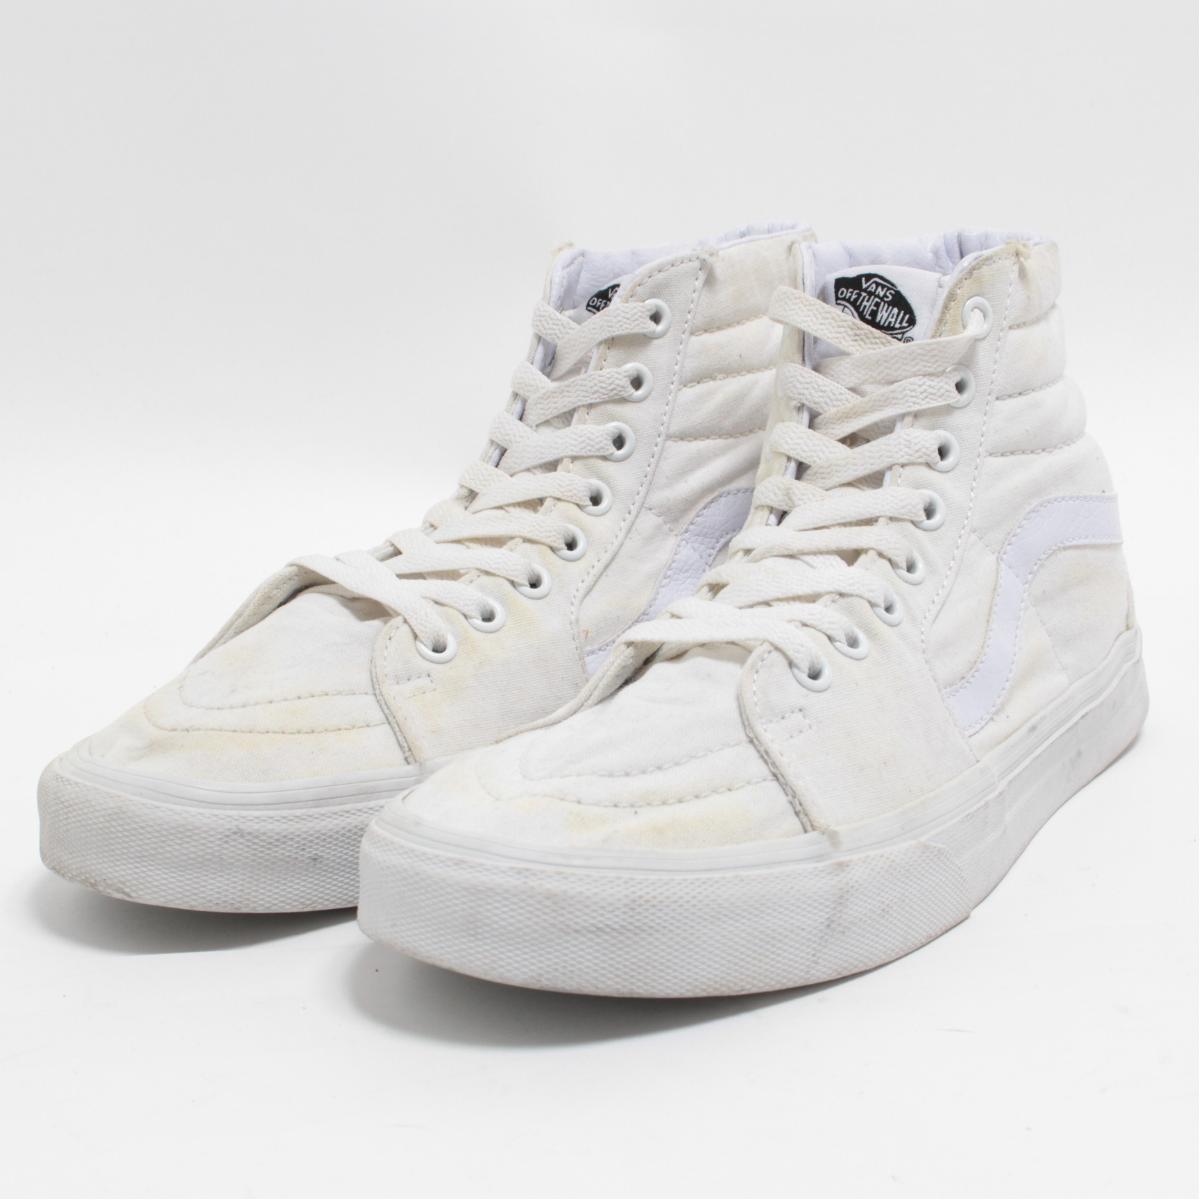 681d7f13cc53c6 VINTAGE CLOTHING JAM  Vans VANS SK8-HI high-top sneakers US8 .5 ...